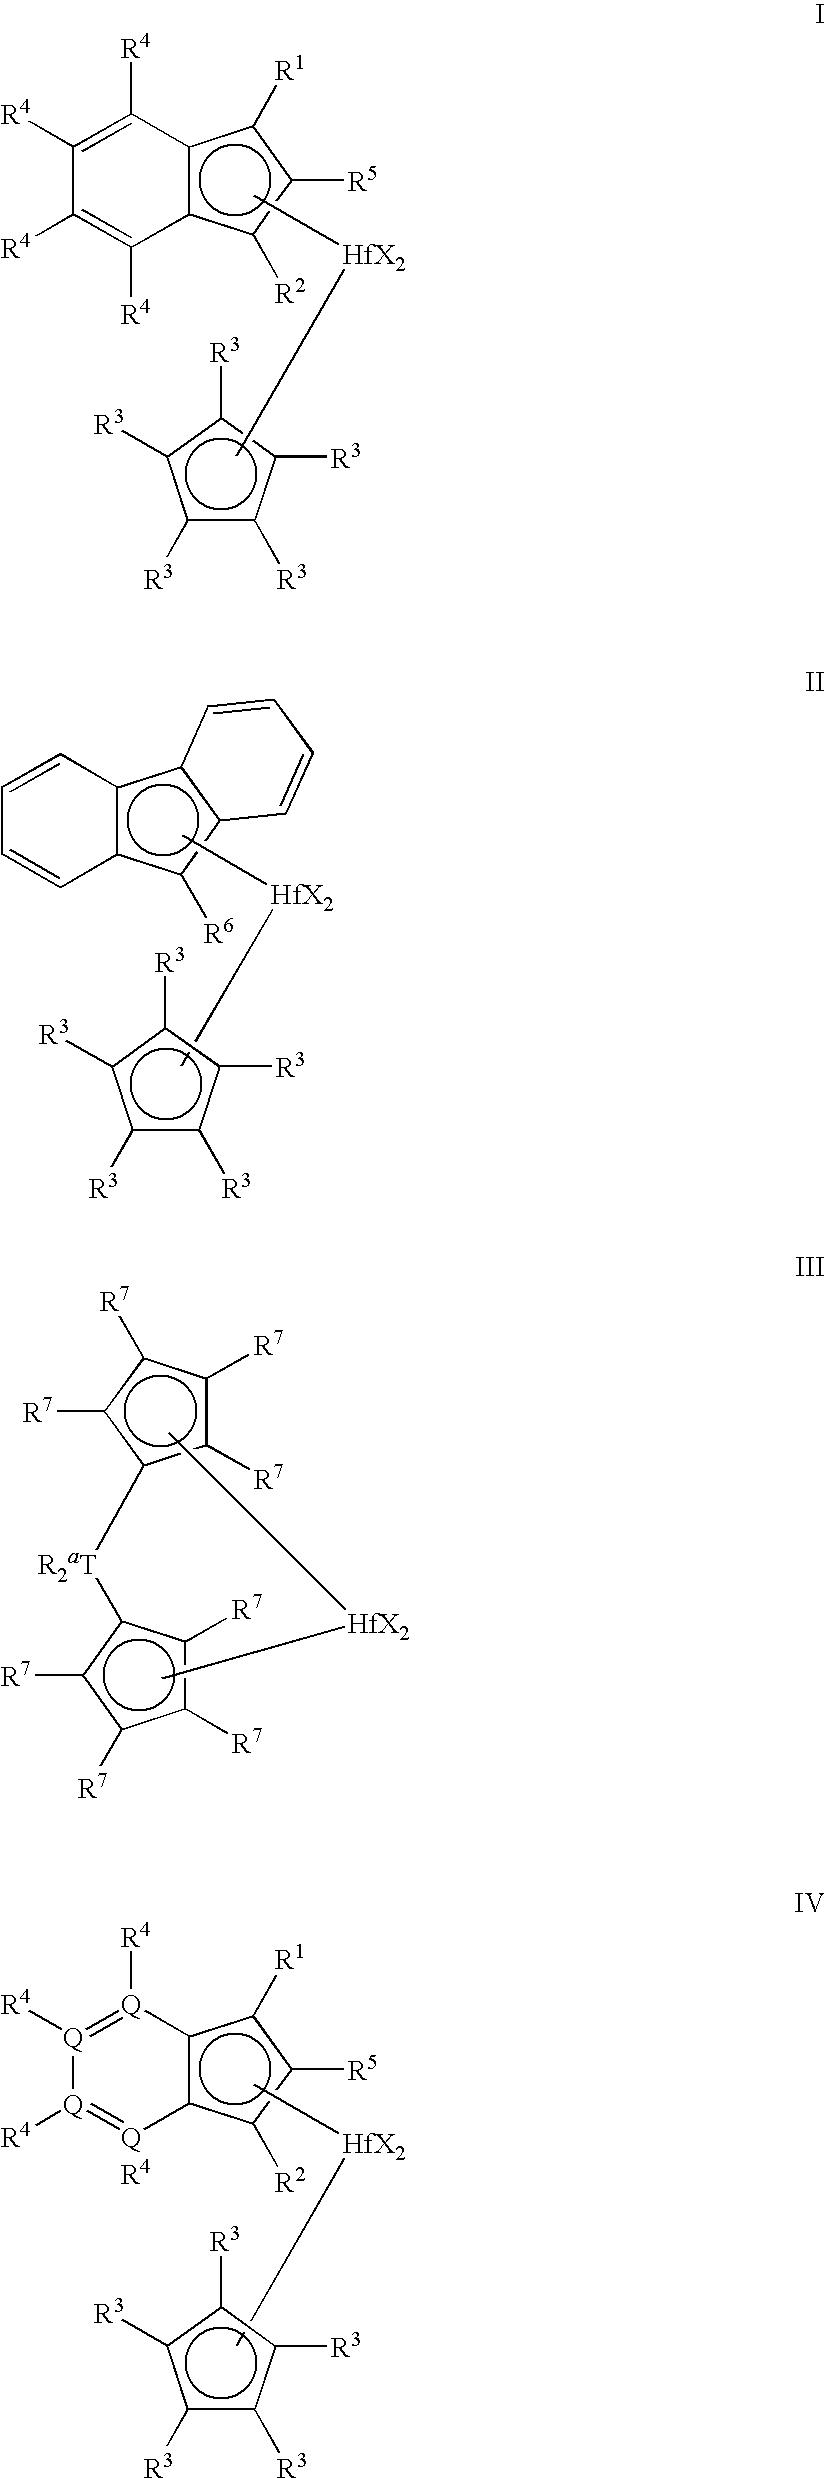 Figure US20090318647A1-20091224-C00017